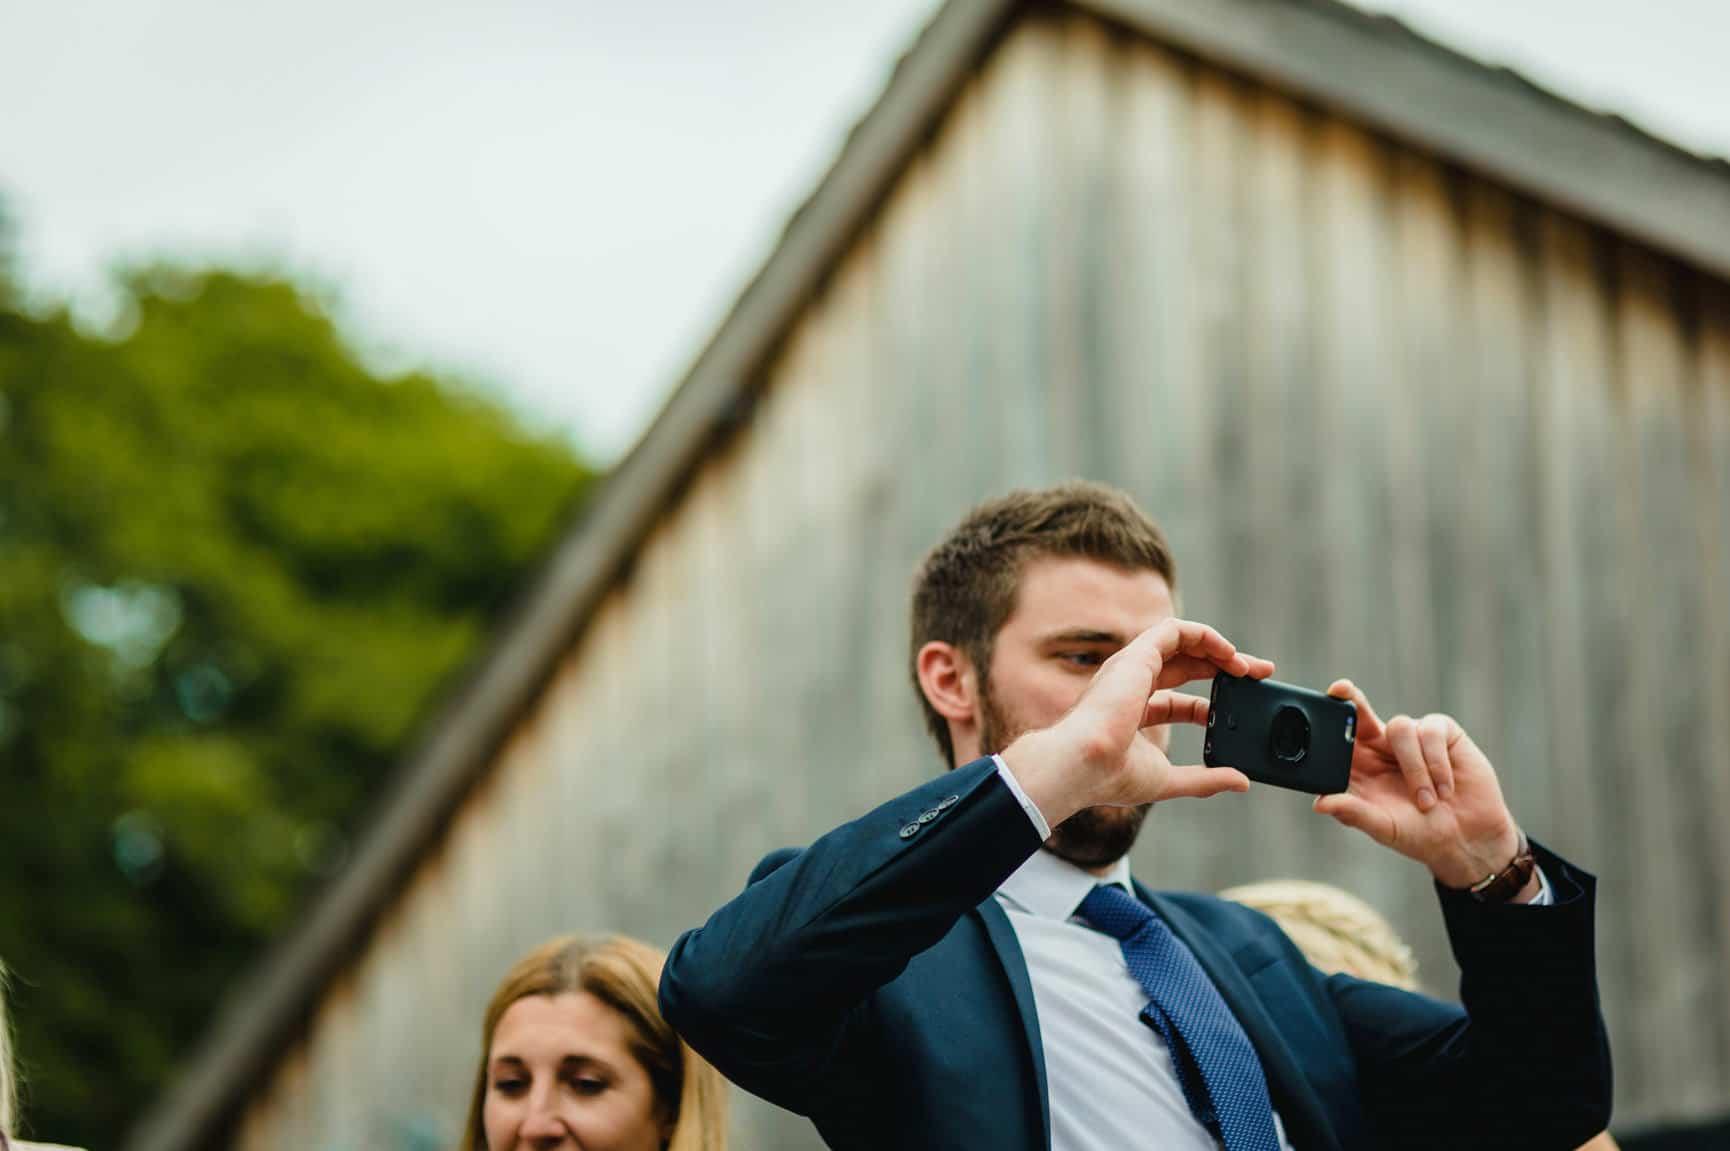 Fforest Wedding, Cardigan, Wales - Lauren and Gareth 157